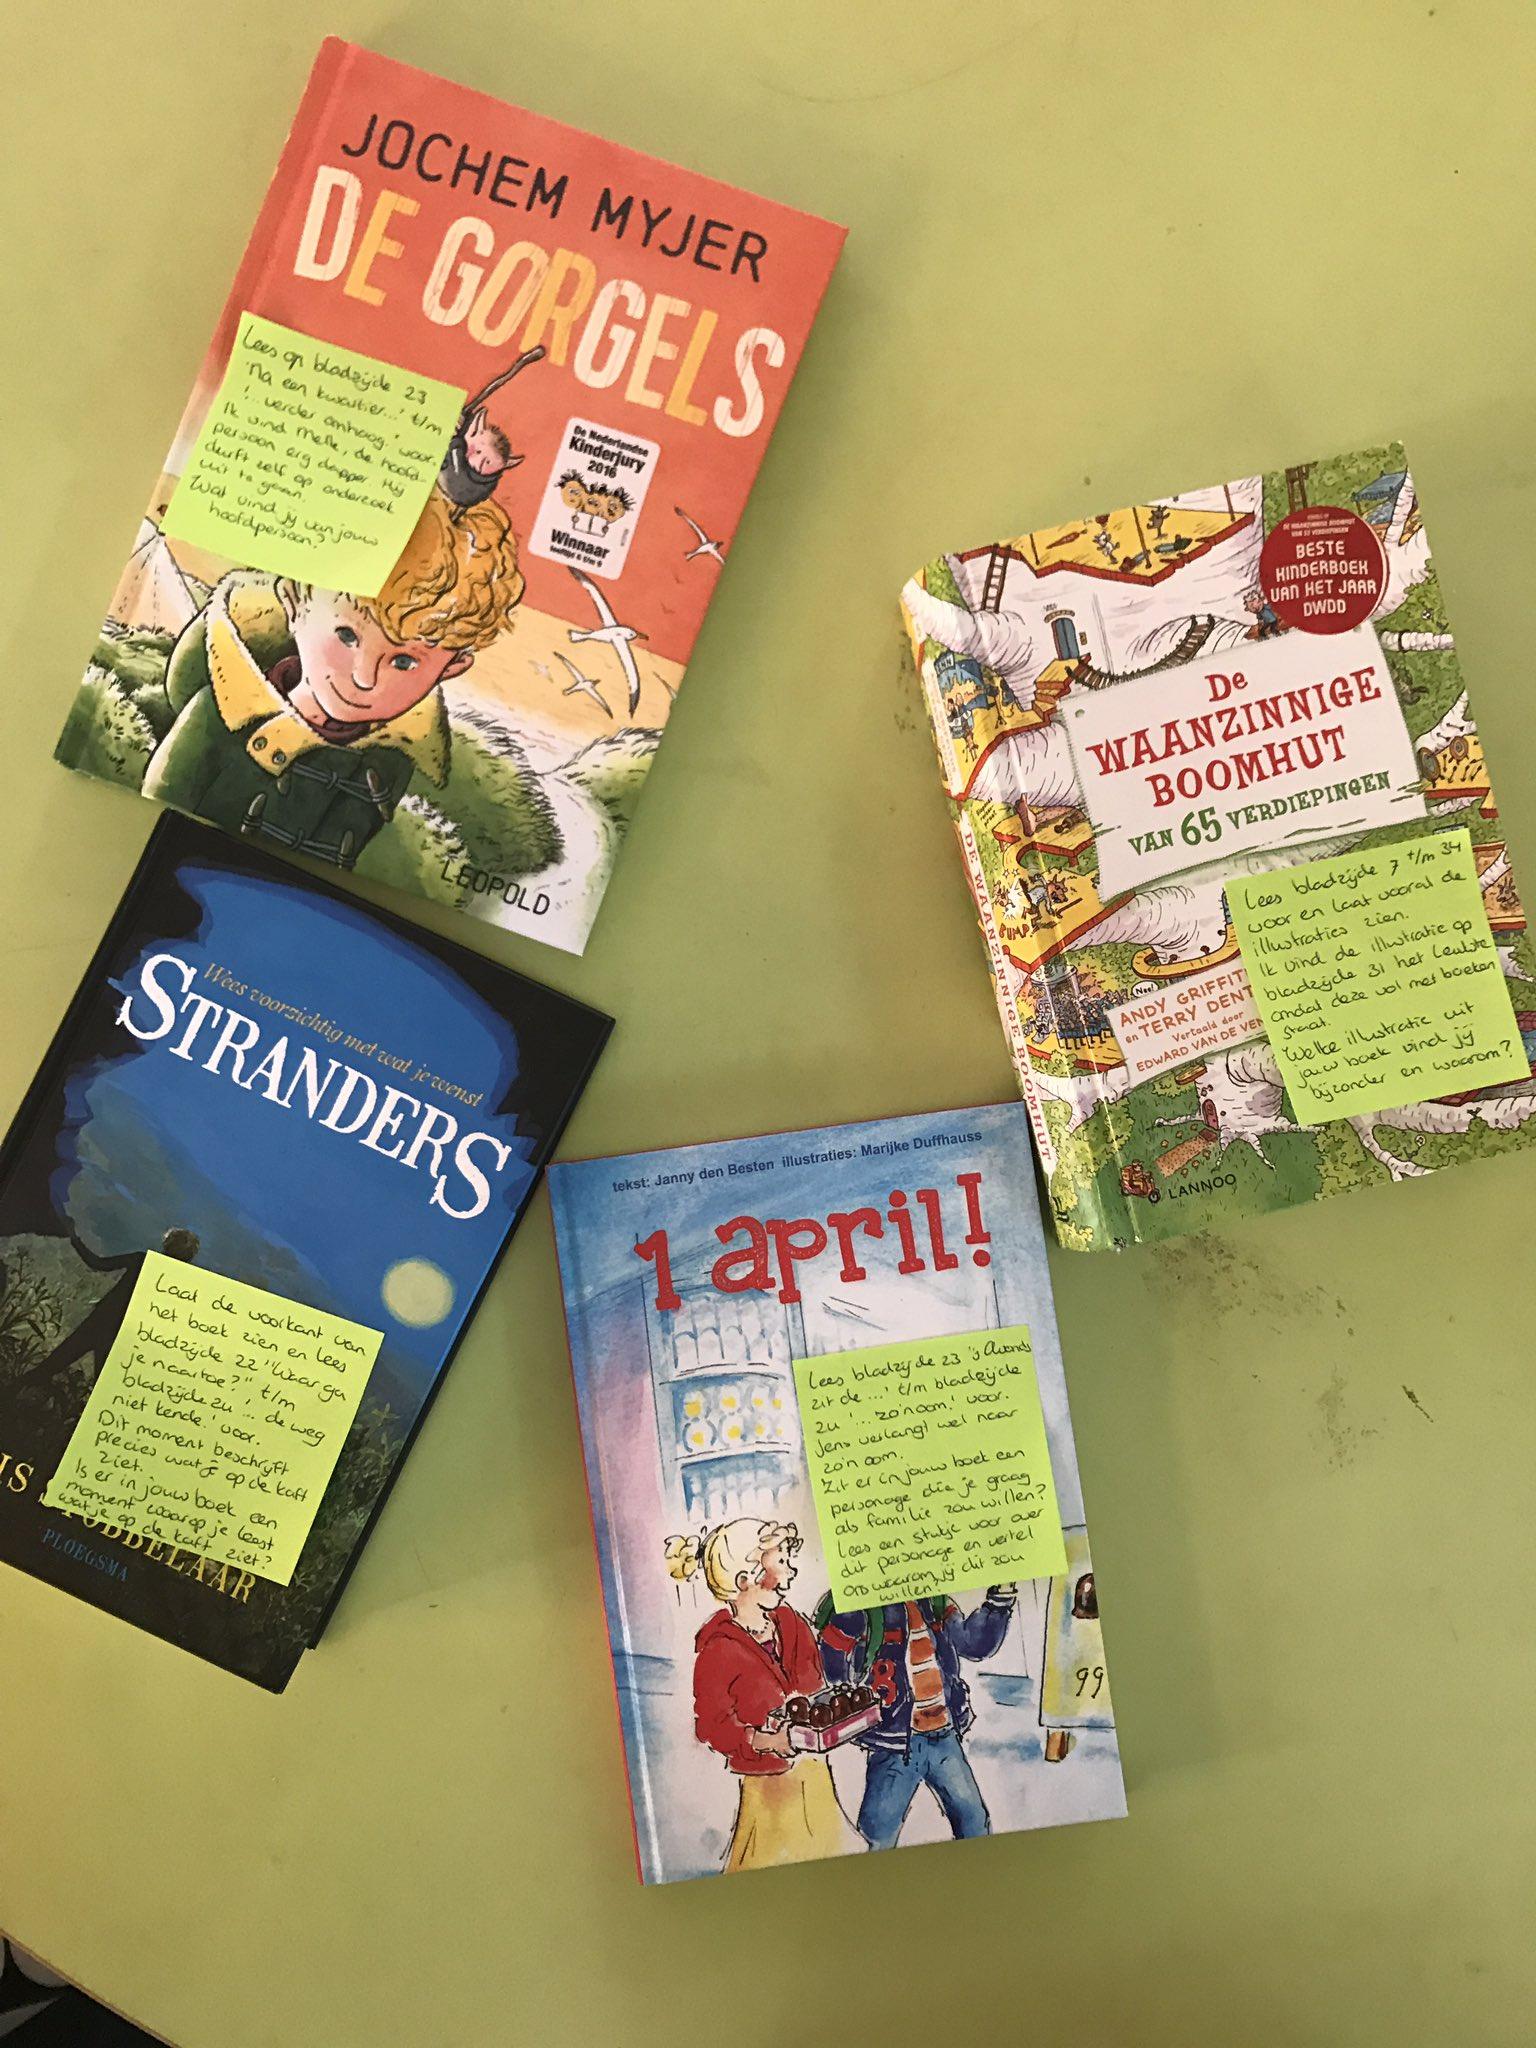 Heb je @Kinderboekenjuf gemist net? Jammer!! Maar neem dan alvast deze lesideeën mee! Bedankt! #edcampnl https://t.co/d1NAYh1zpL